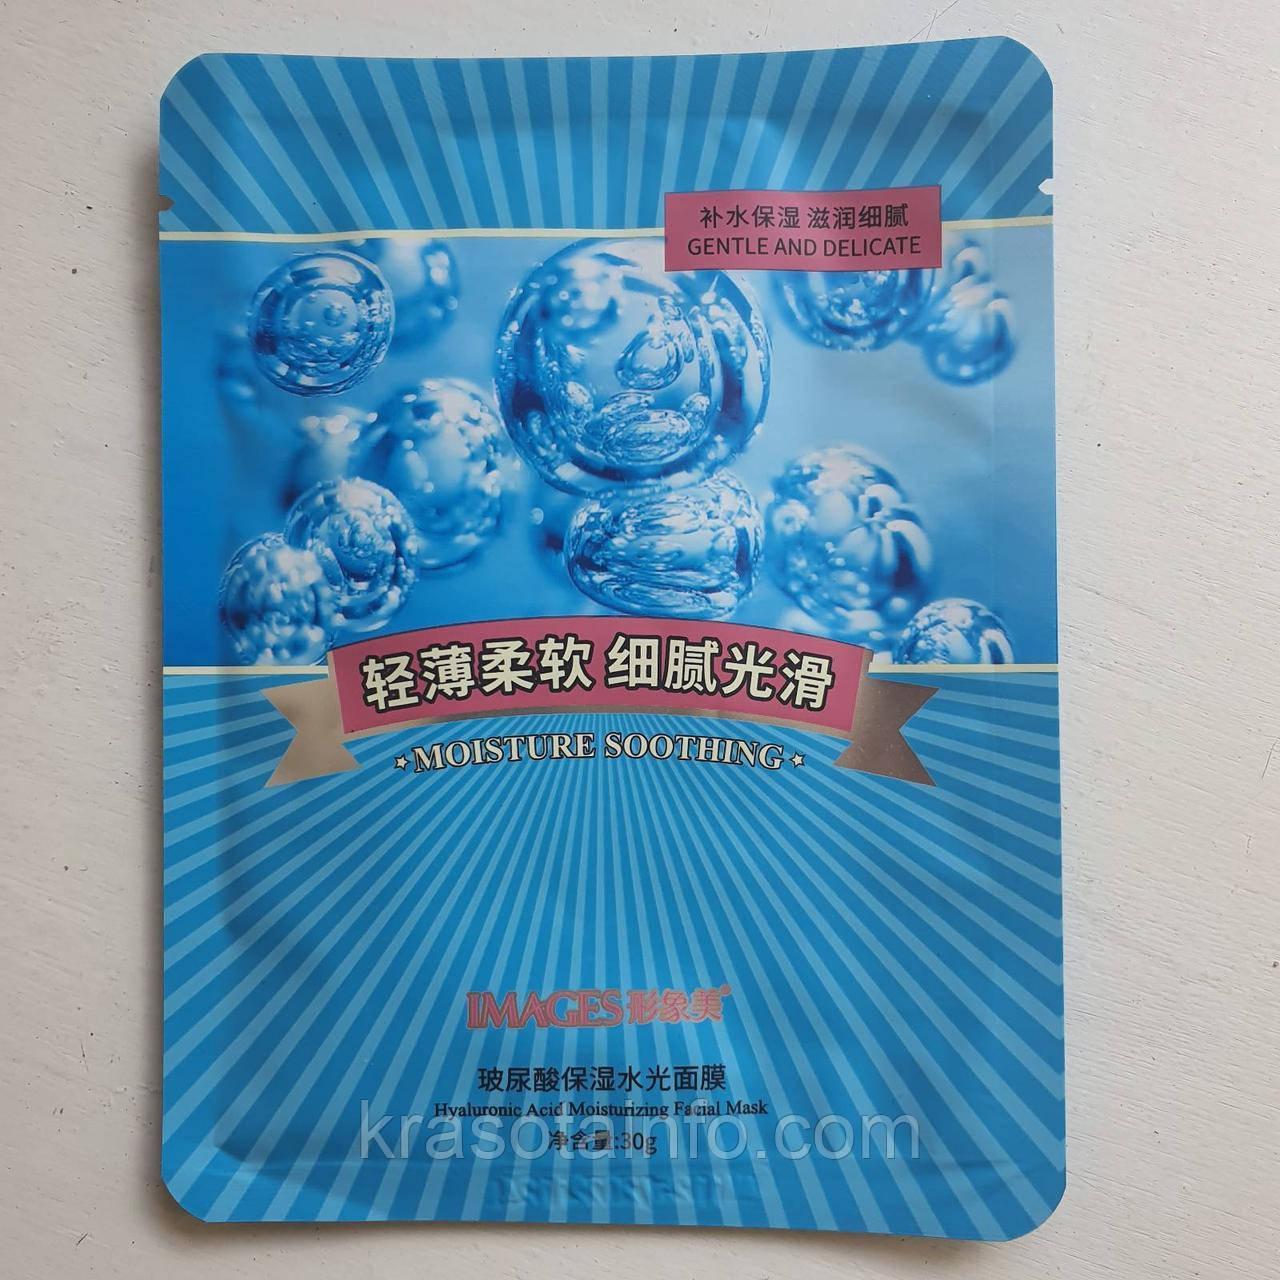 Маска тканевая увлажняющая успокаивающая Moisture soothing mask, Bioaqua, 30 г